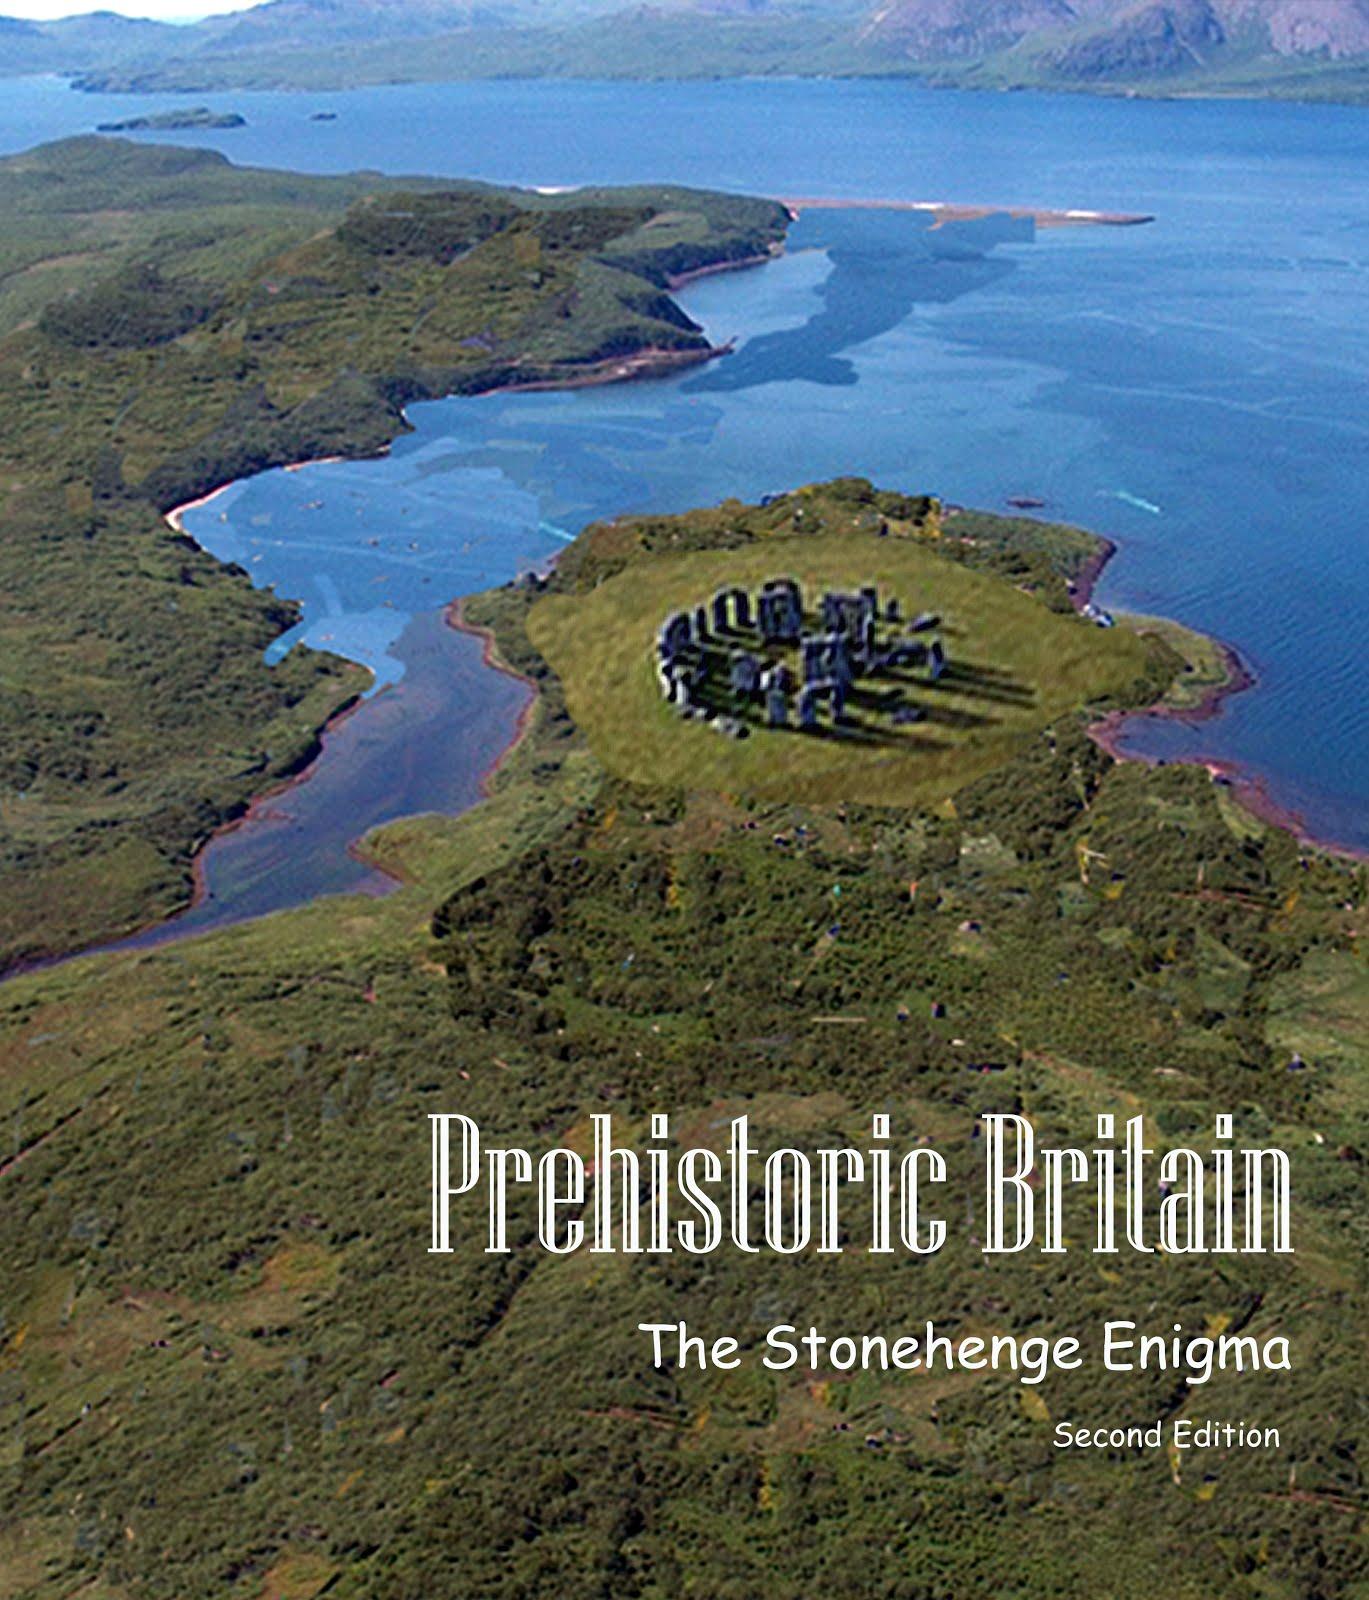 The Stonehenge Enigma